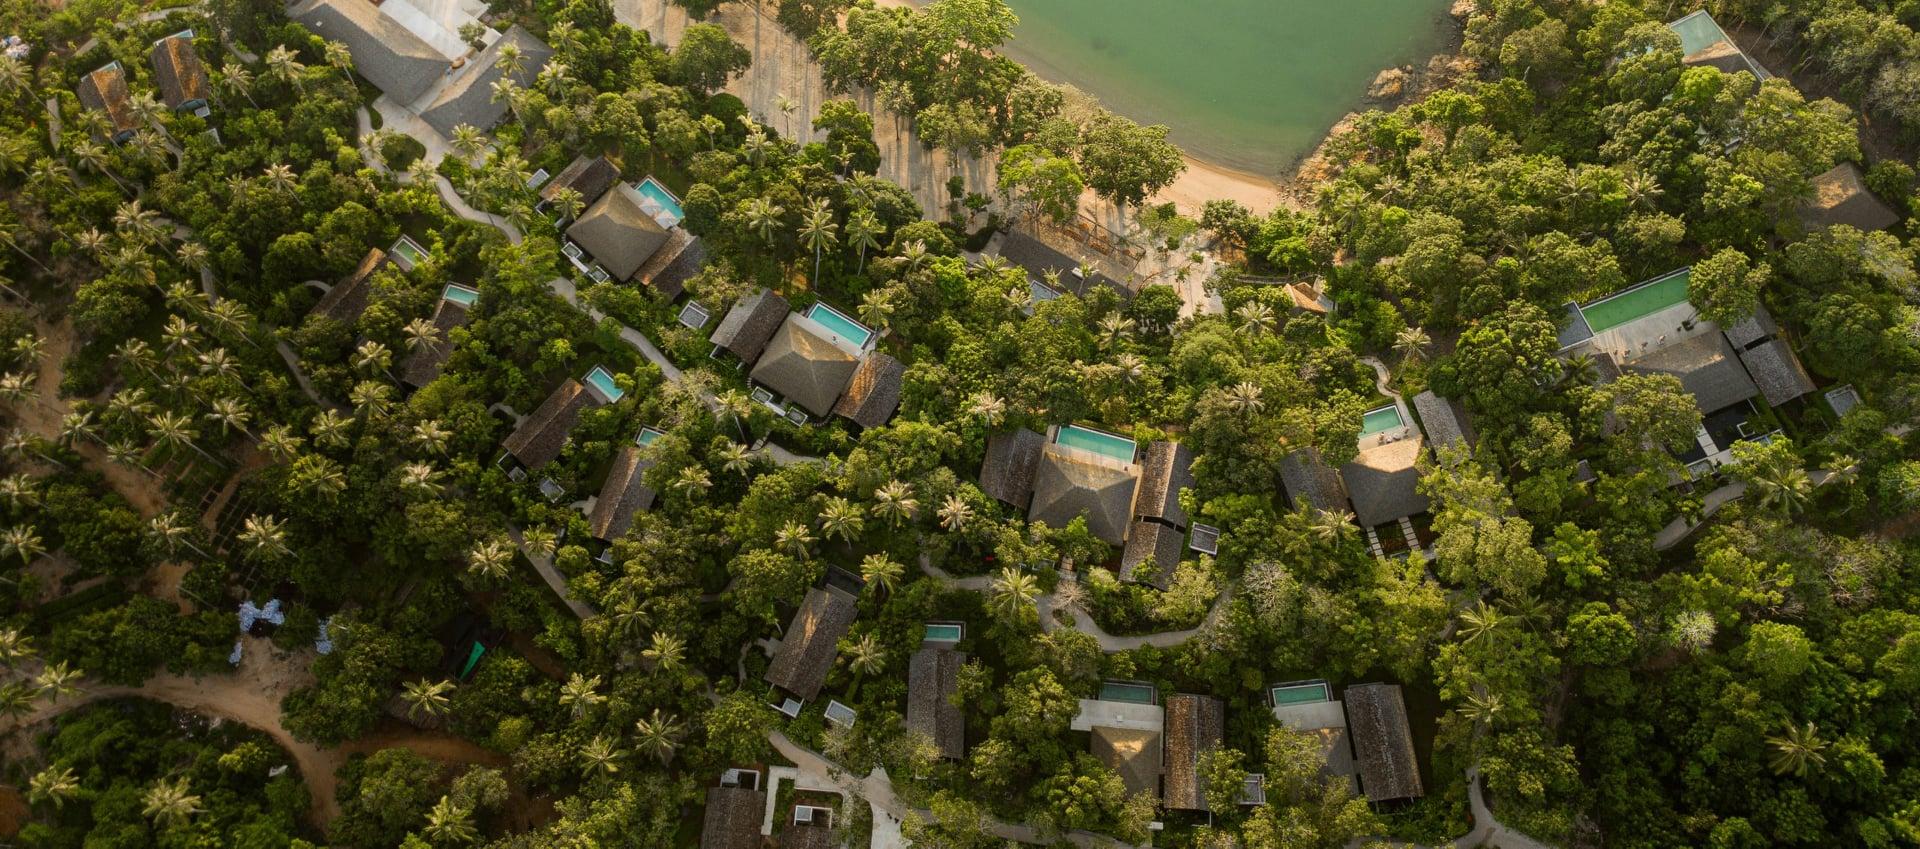 Las villas están al lado del océano